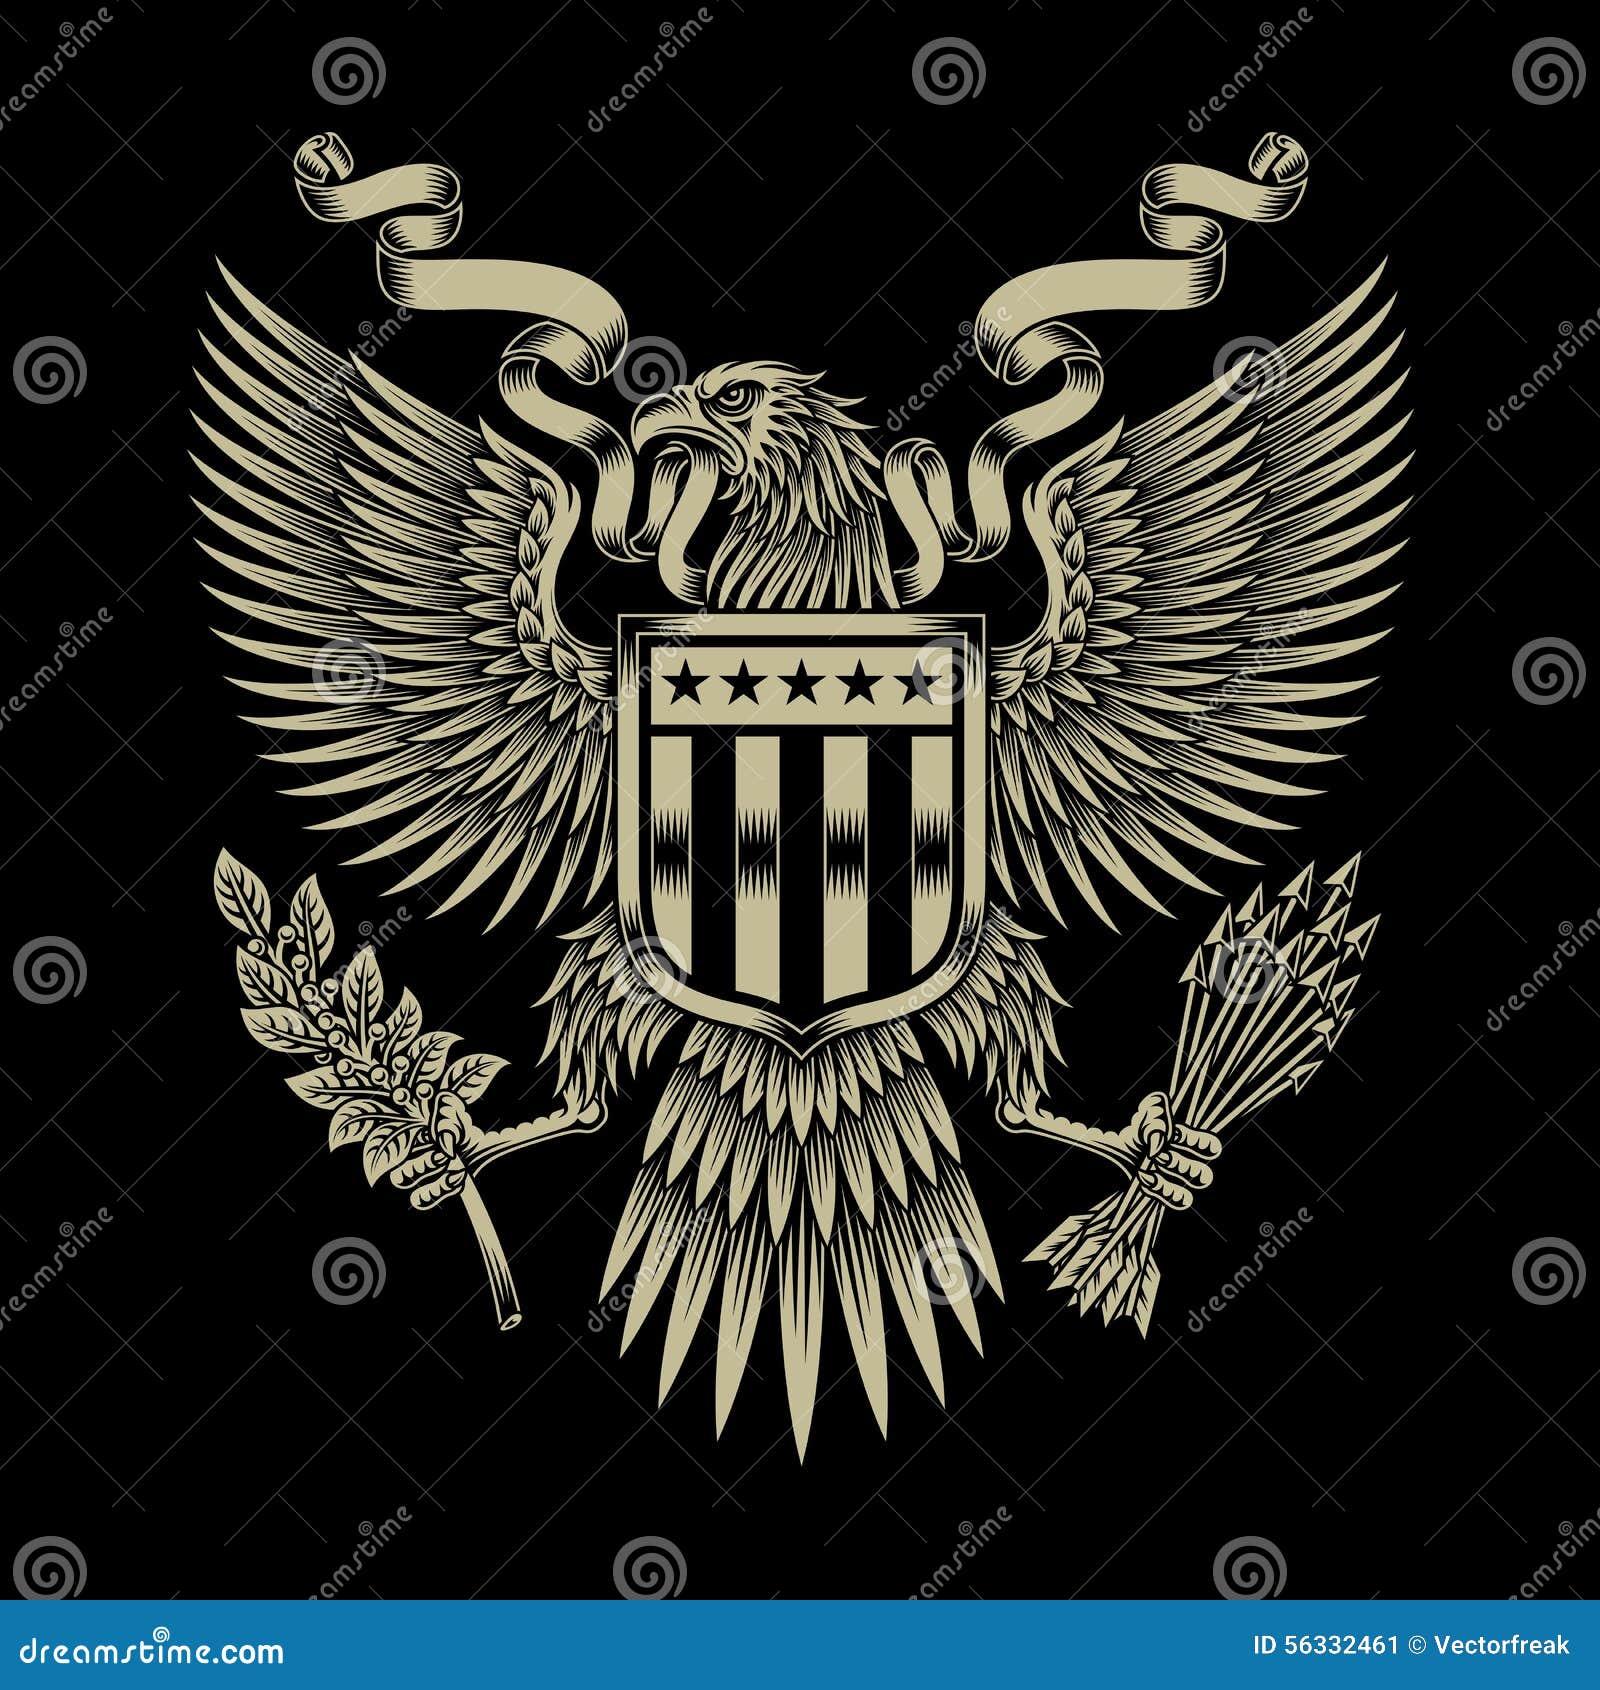 Amerikan Eagle Emblem